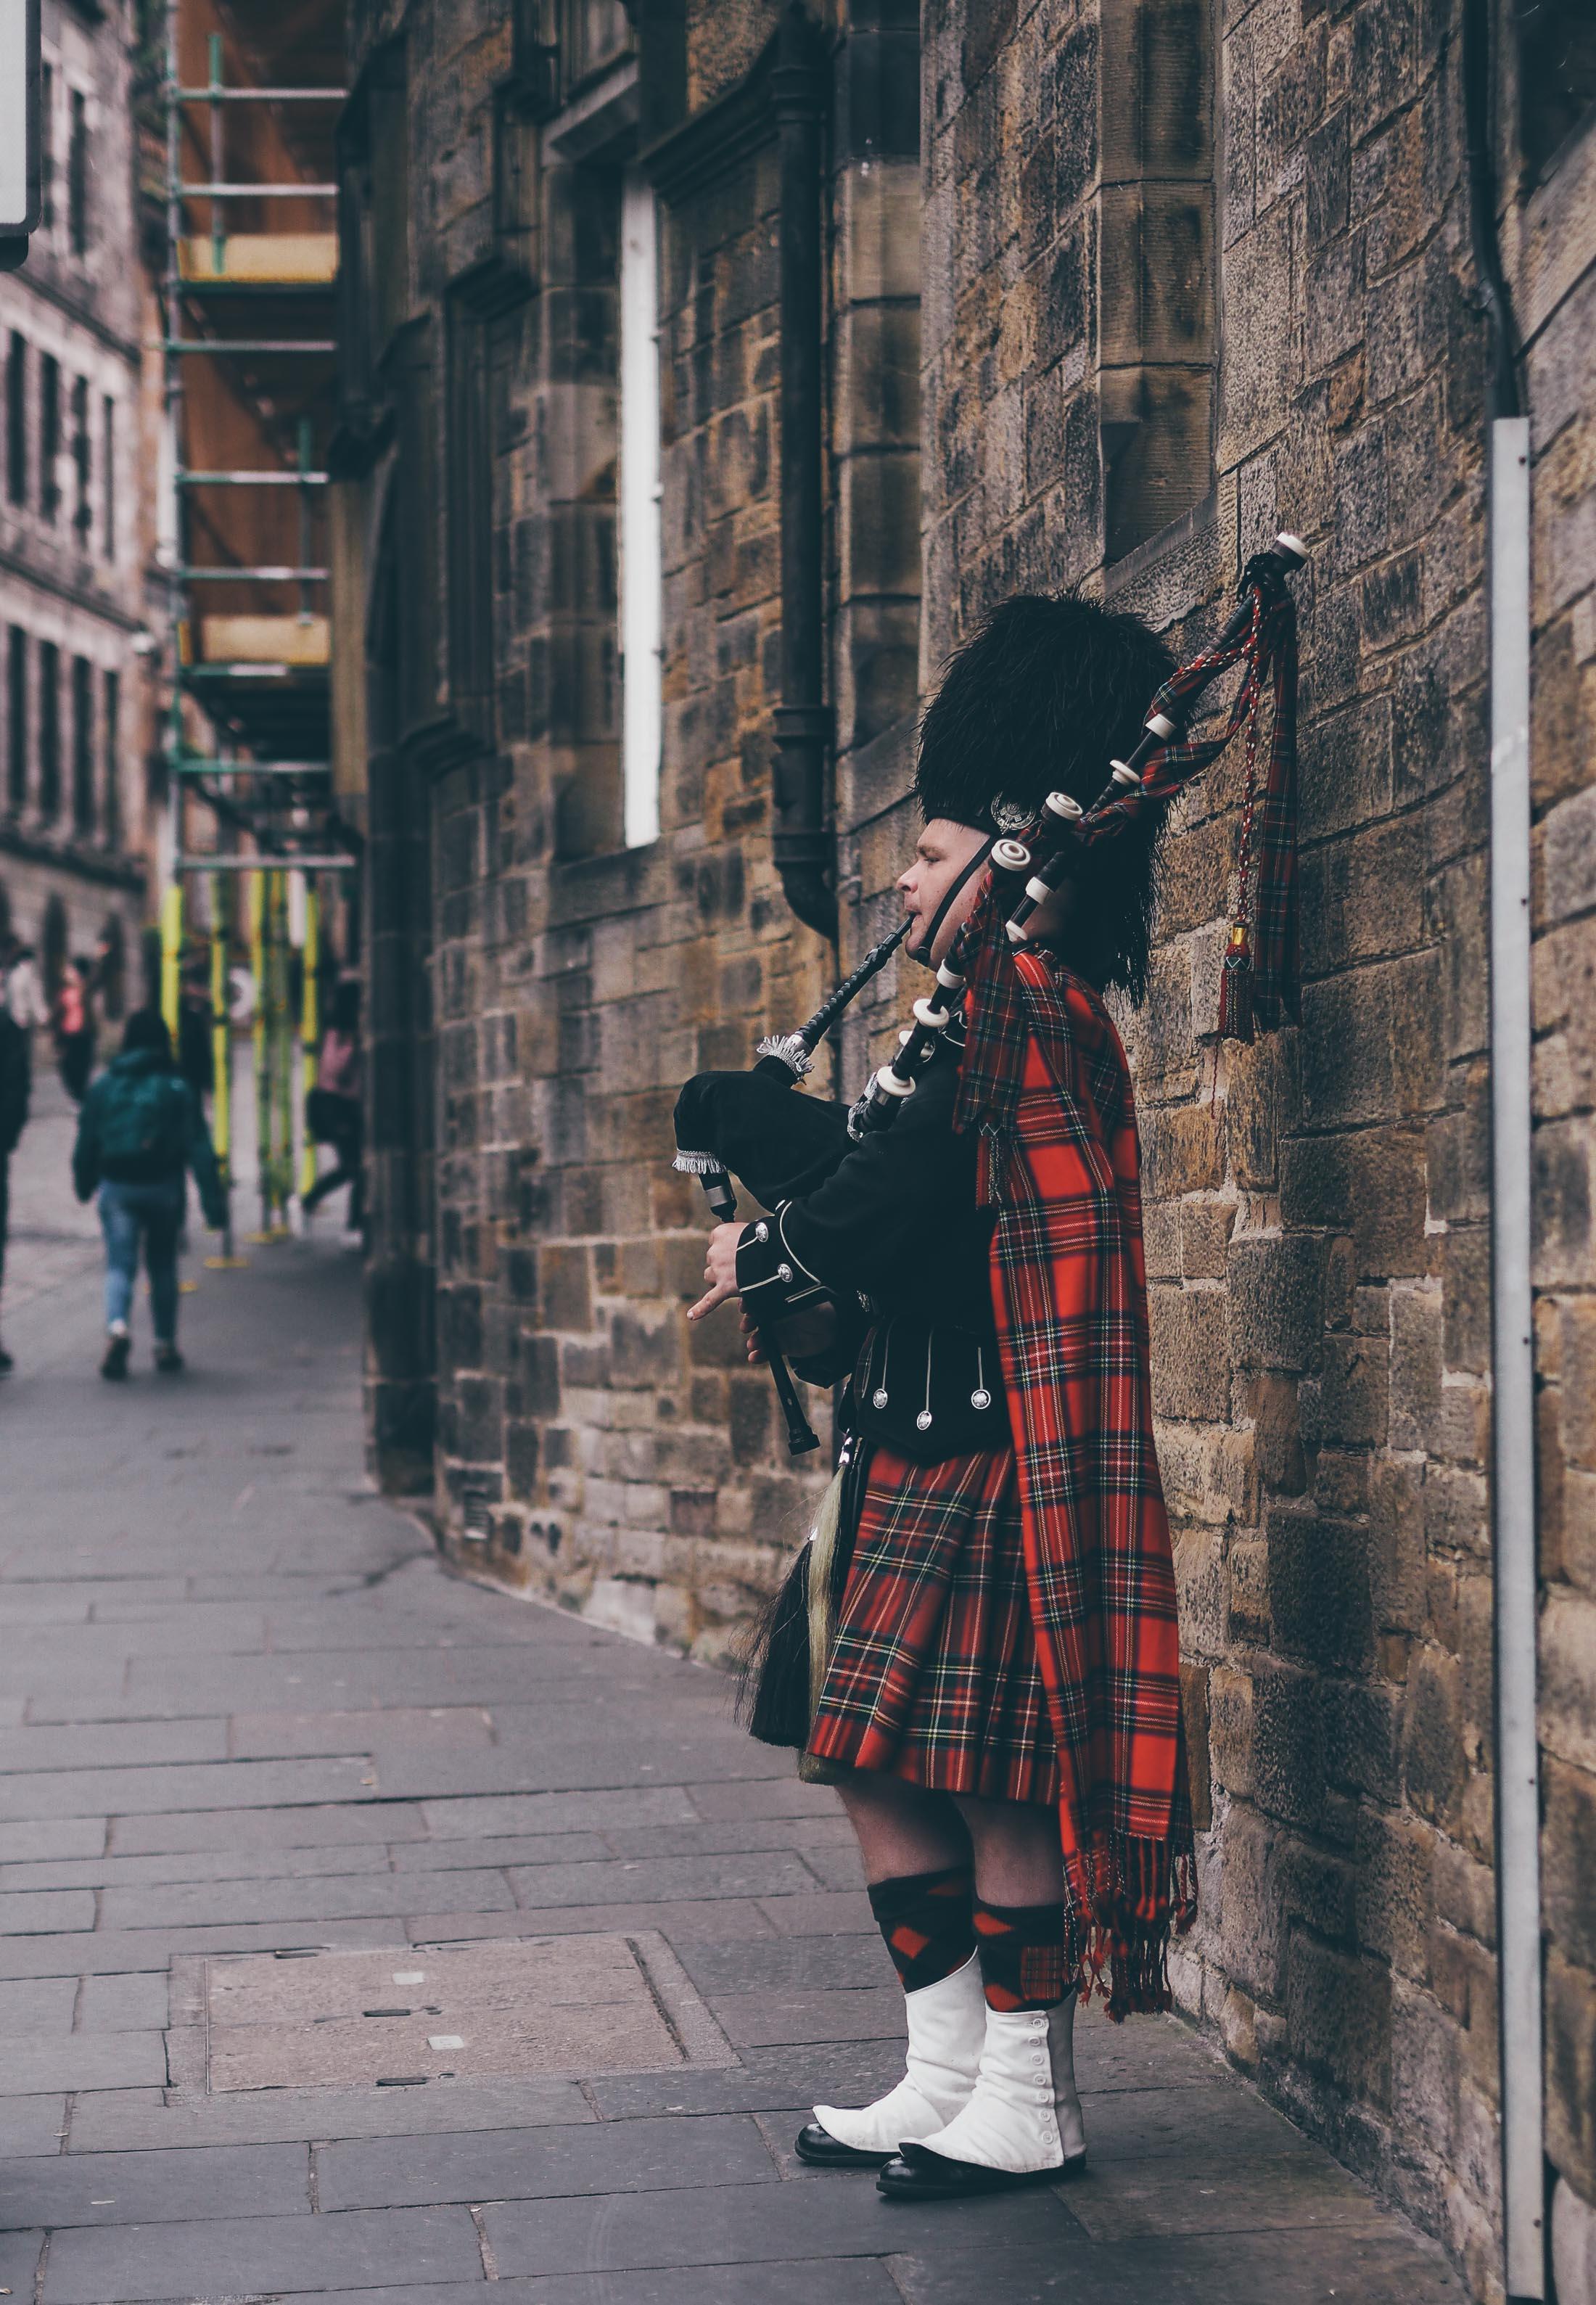 Redécouvrir Édimbourg en traversant les âges, Tippy.fr